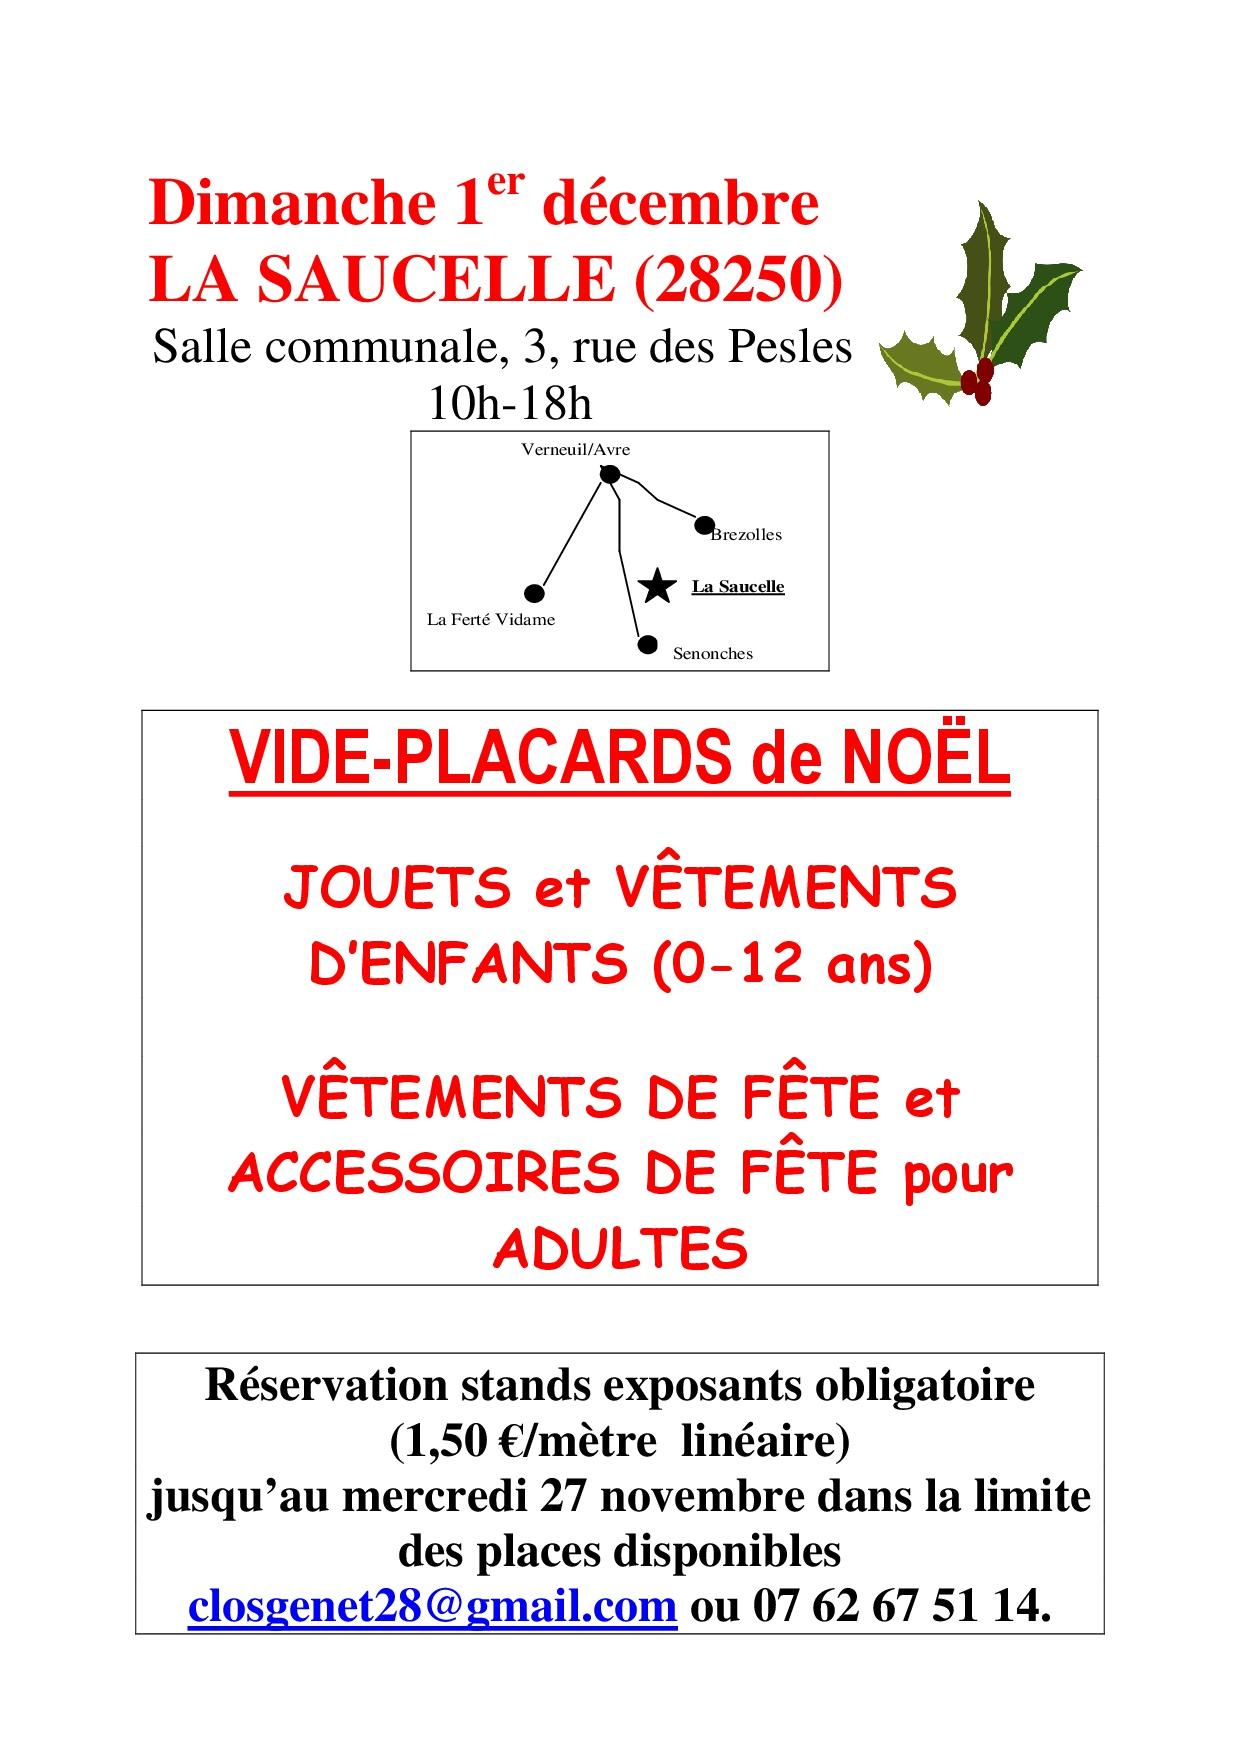 Vide-Placards de Noël à LA SAUCELLE © les amis du clos genets